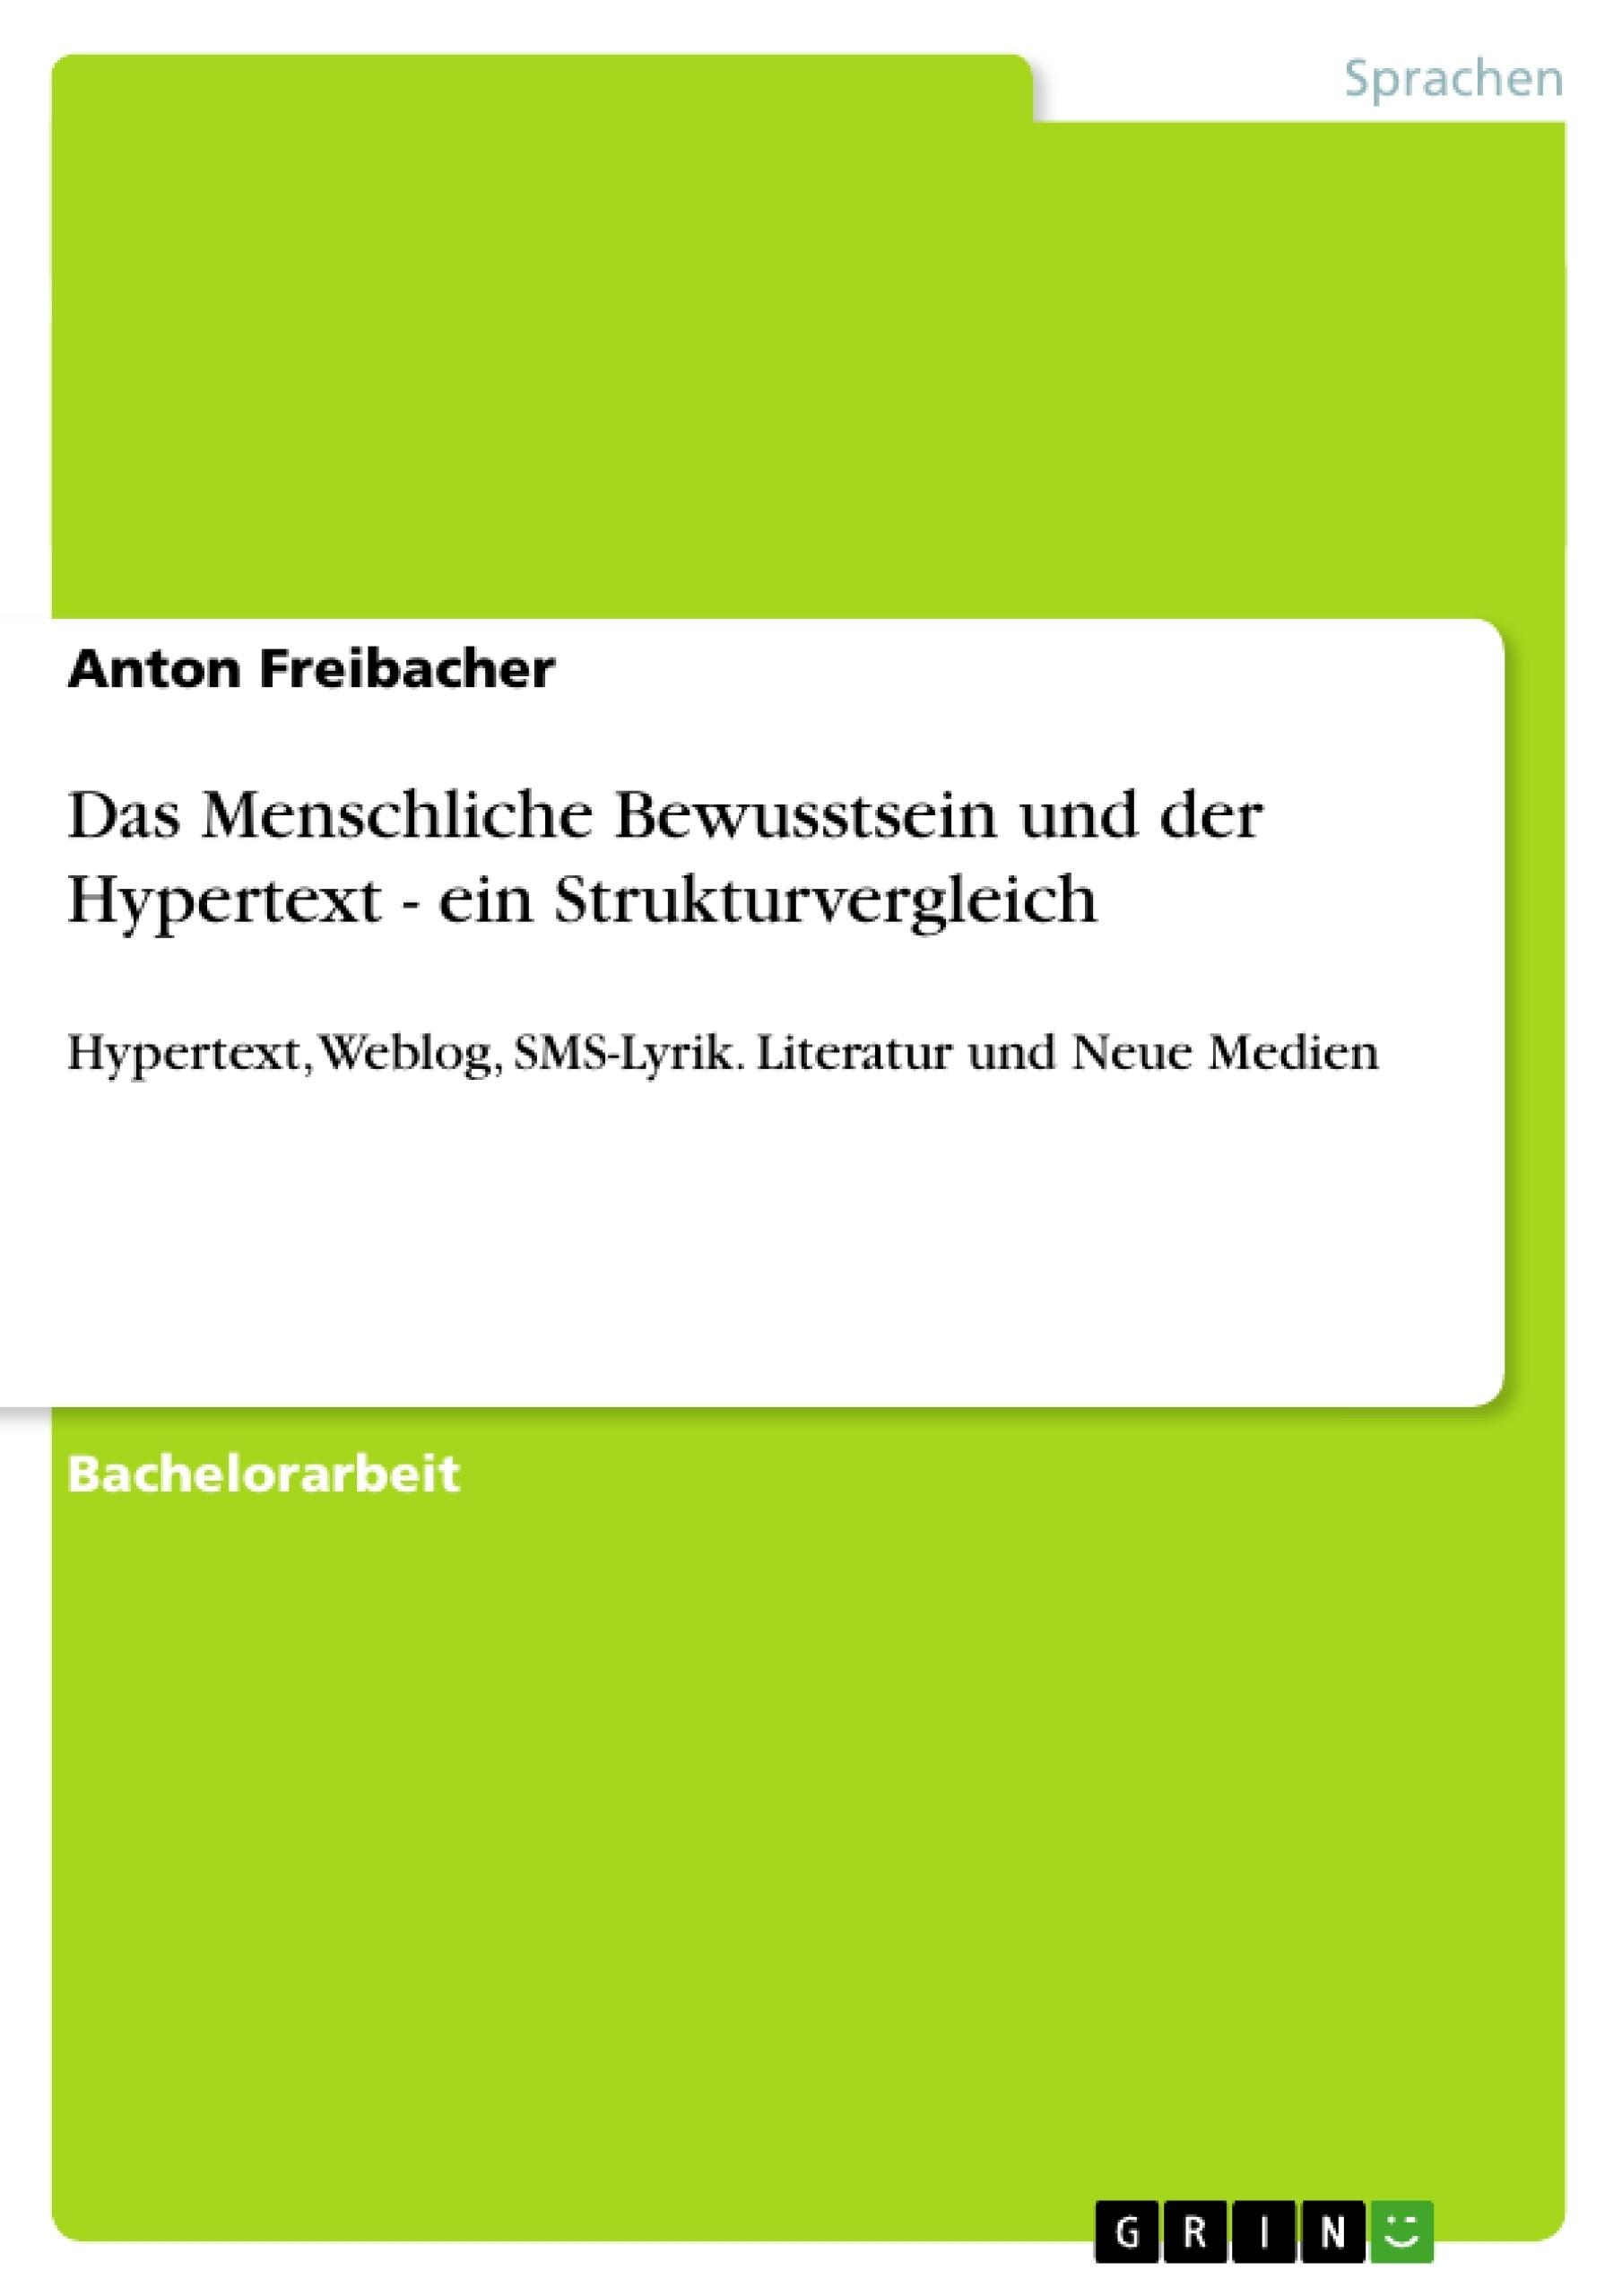 Titel: Das Menschliche Bewusstsein und der Hypertext - ein Strukturvergleich